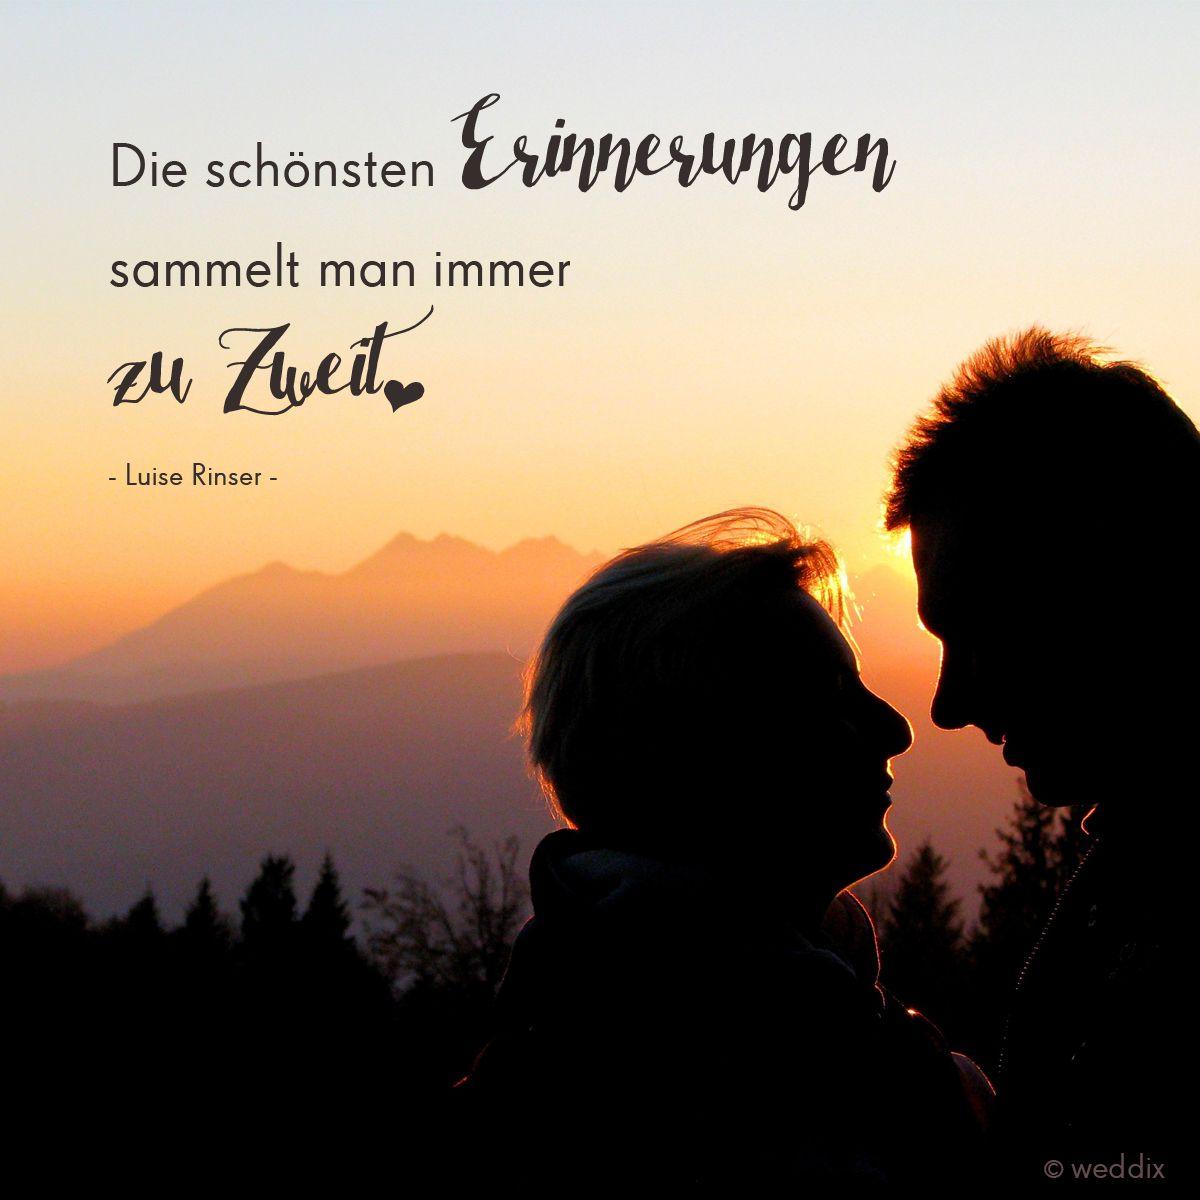 Hochzeitsspruche Zitate Und Spruche Zur Hochzeit Romantische Spruche Spruche Hochzeit Beruhmte Liebeszitate